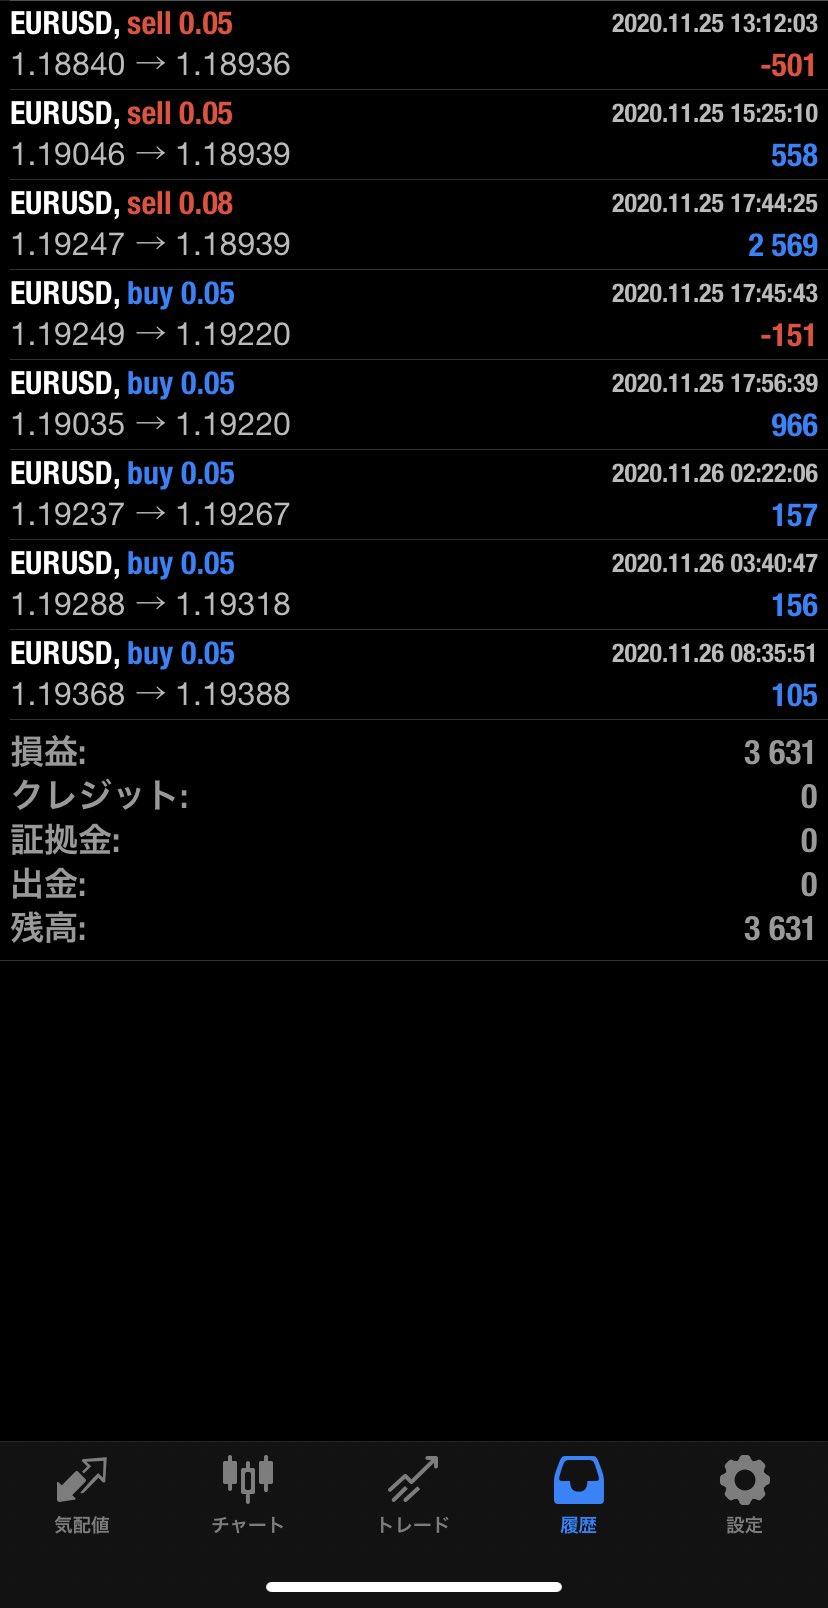 2020年11月26日 EUR/USDバージョン3,631円